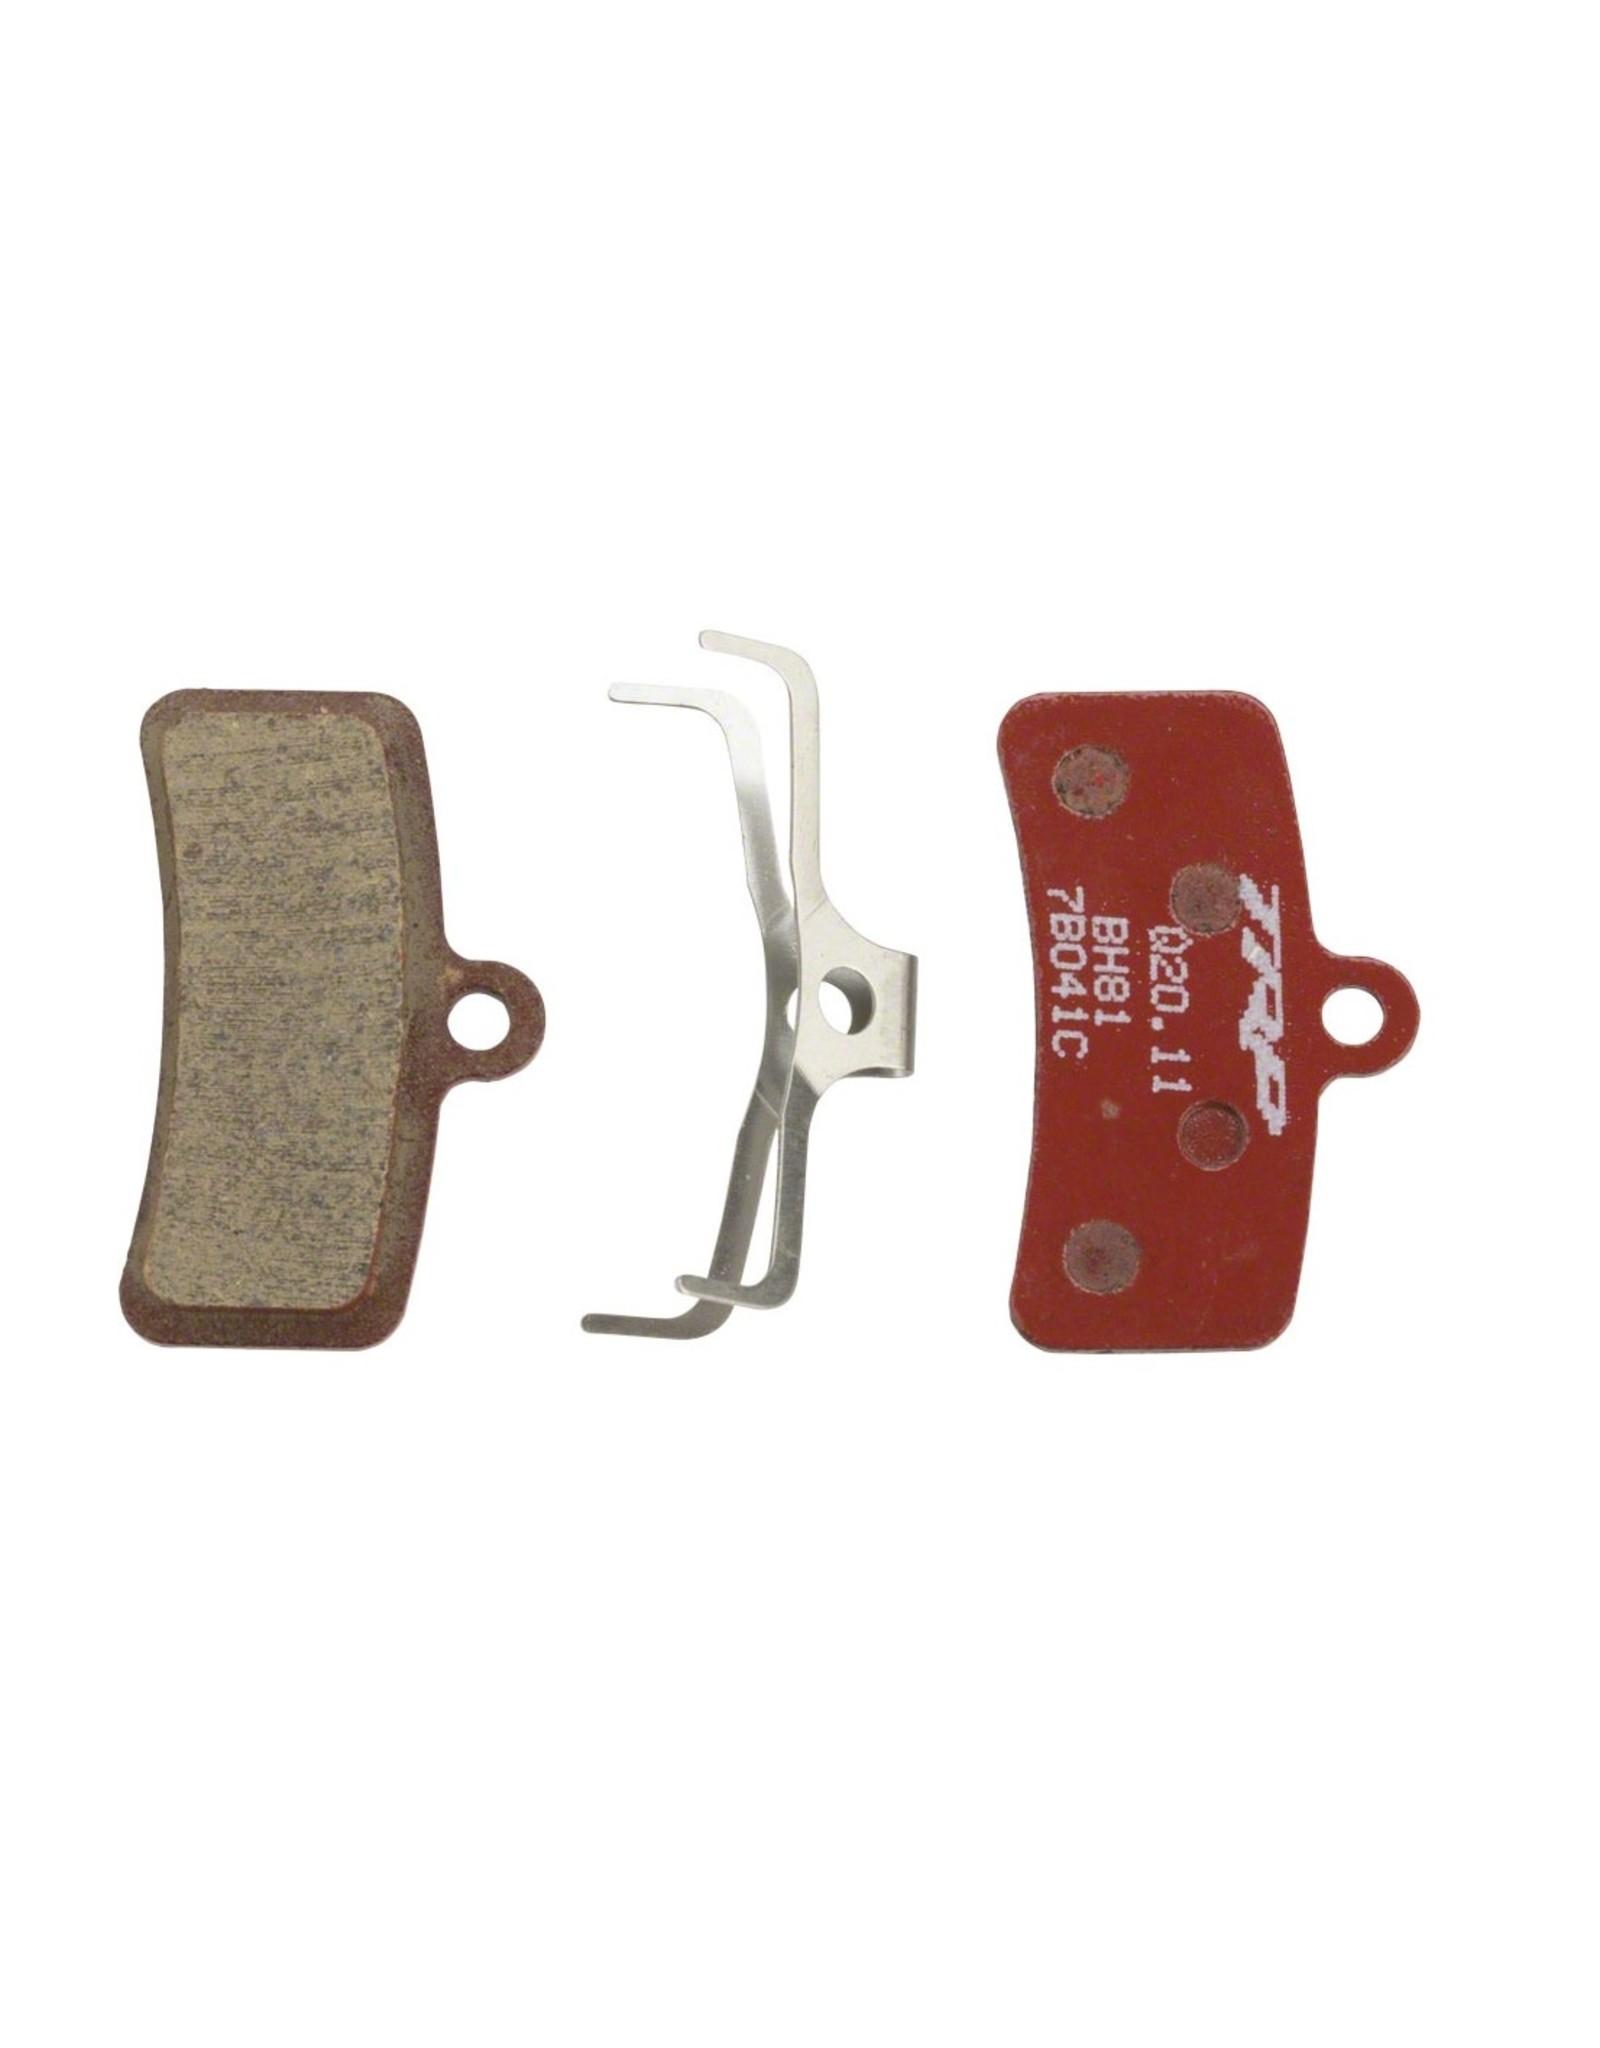 TRP TRP Slate/Quadiem/Quadiem SL Disc Brake Pad Set - RED RESIN